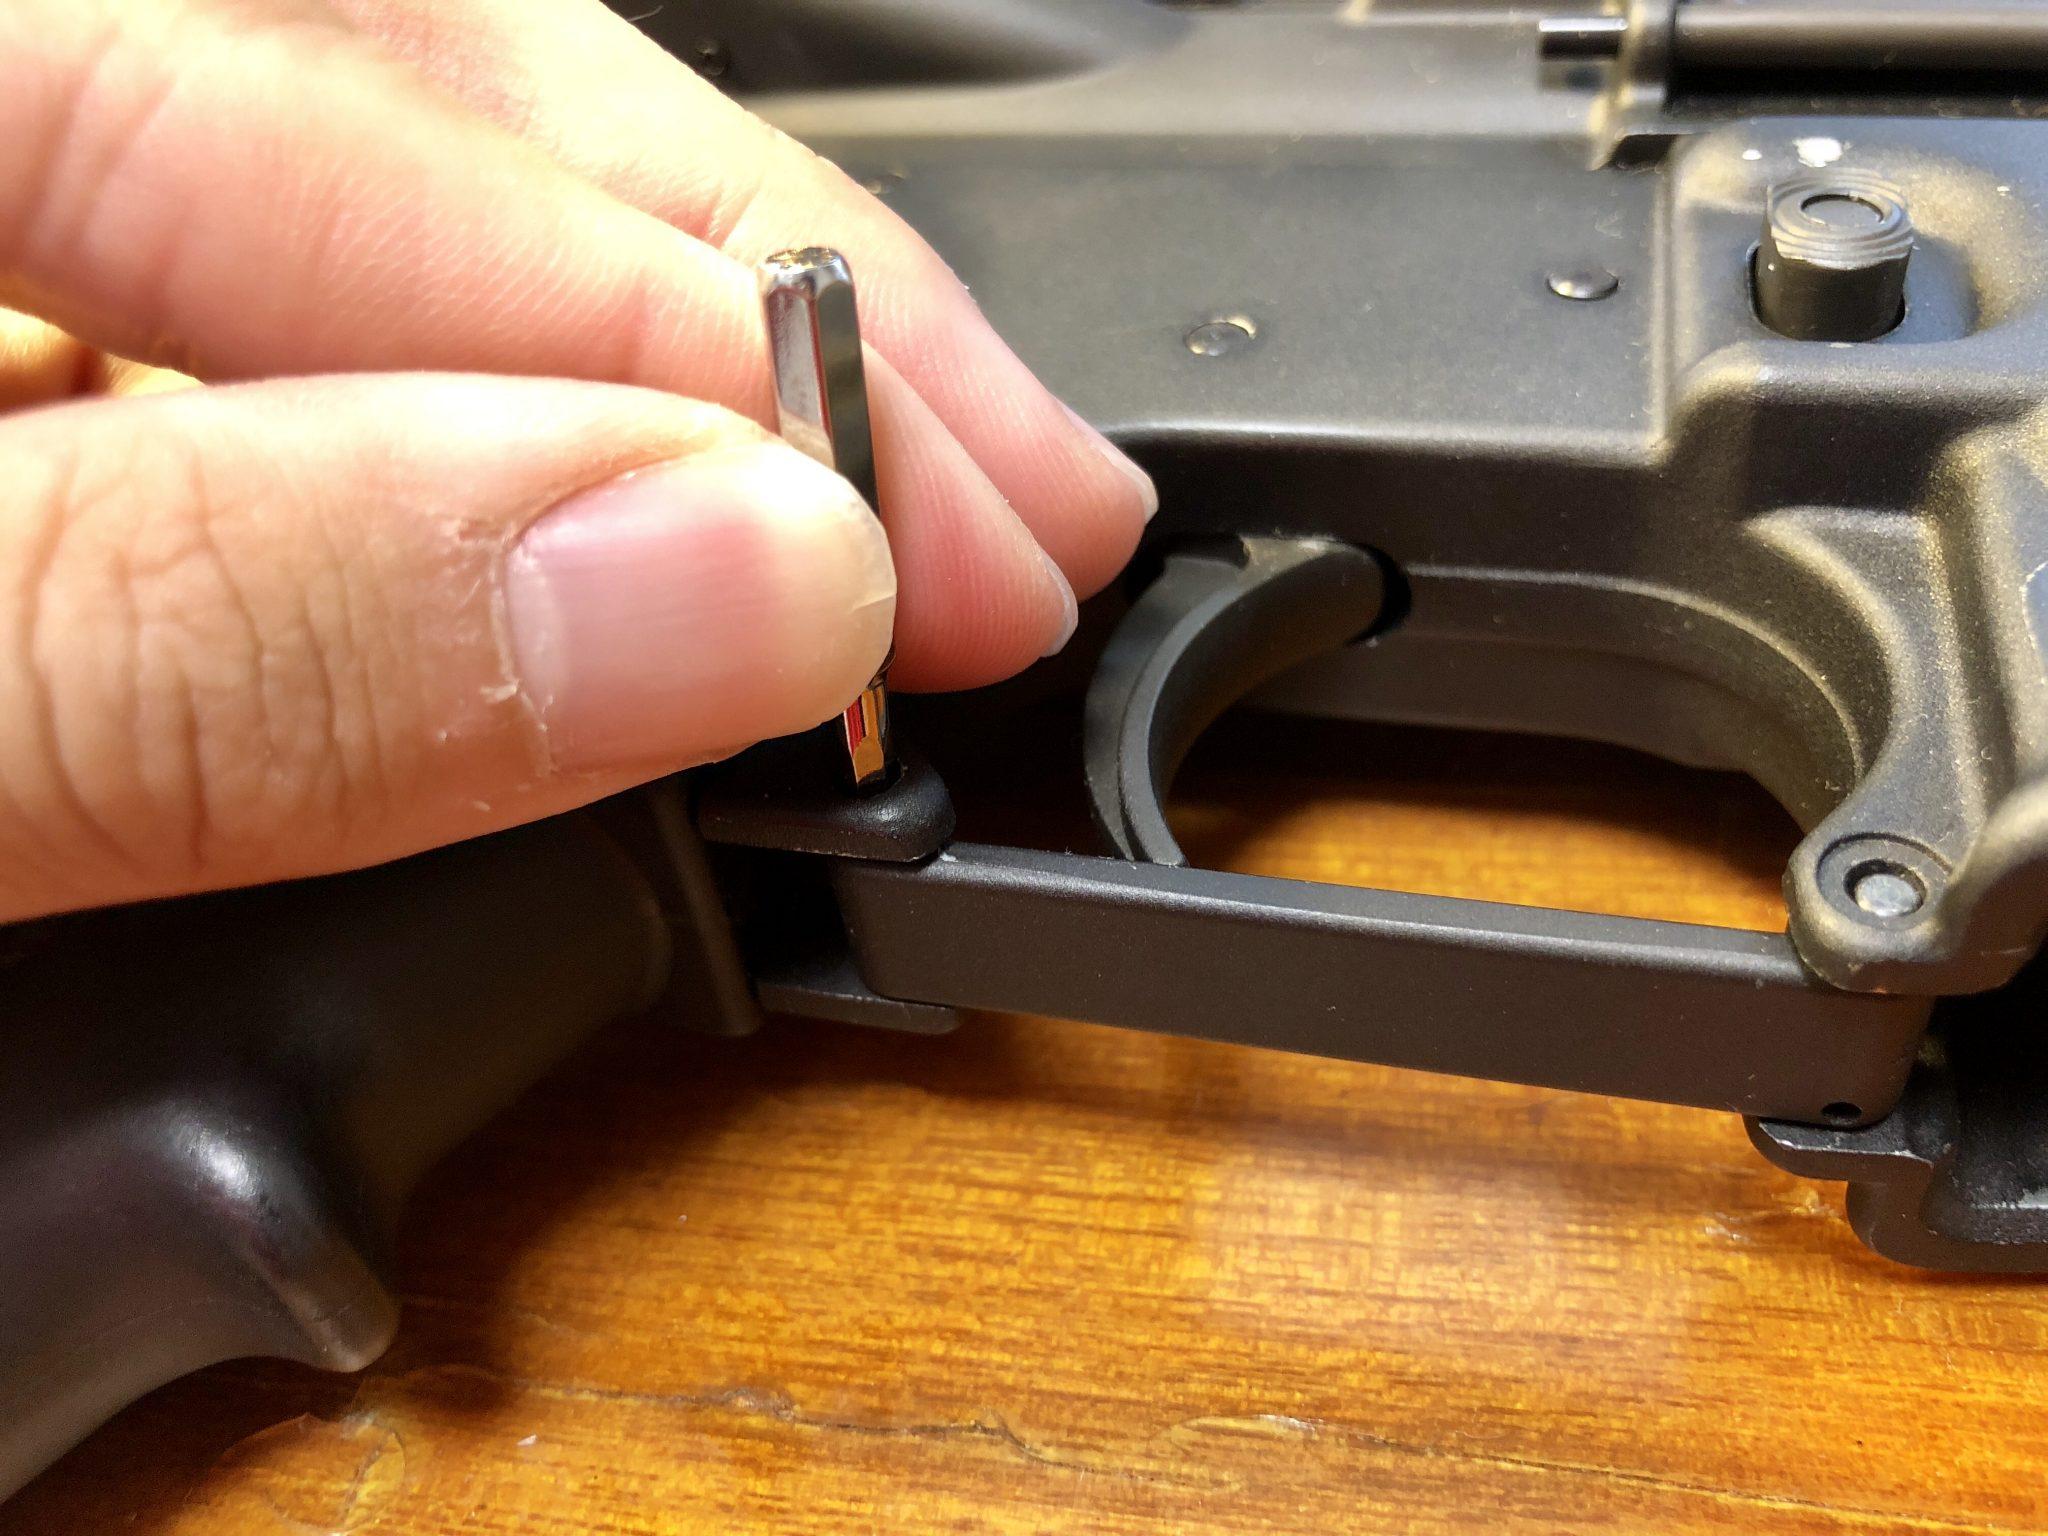 EC25A418 92E9 41AA 8A60 68C8019E7C2F - マグプル トリガーガードの取り付け